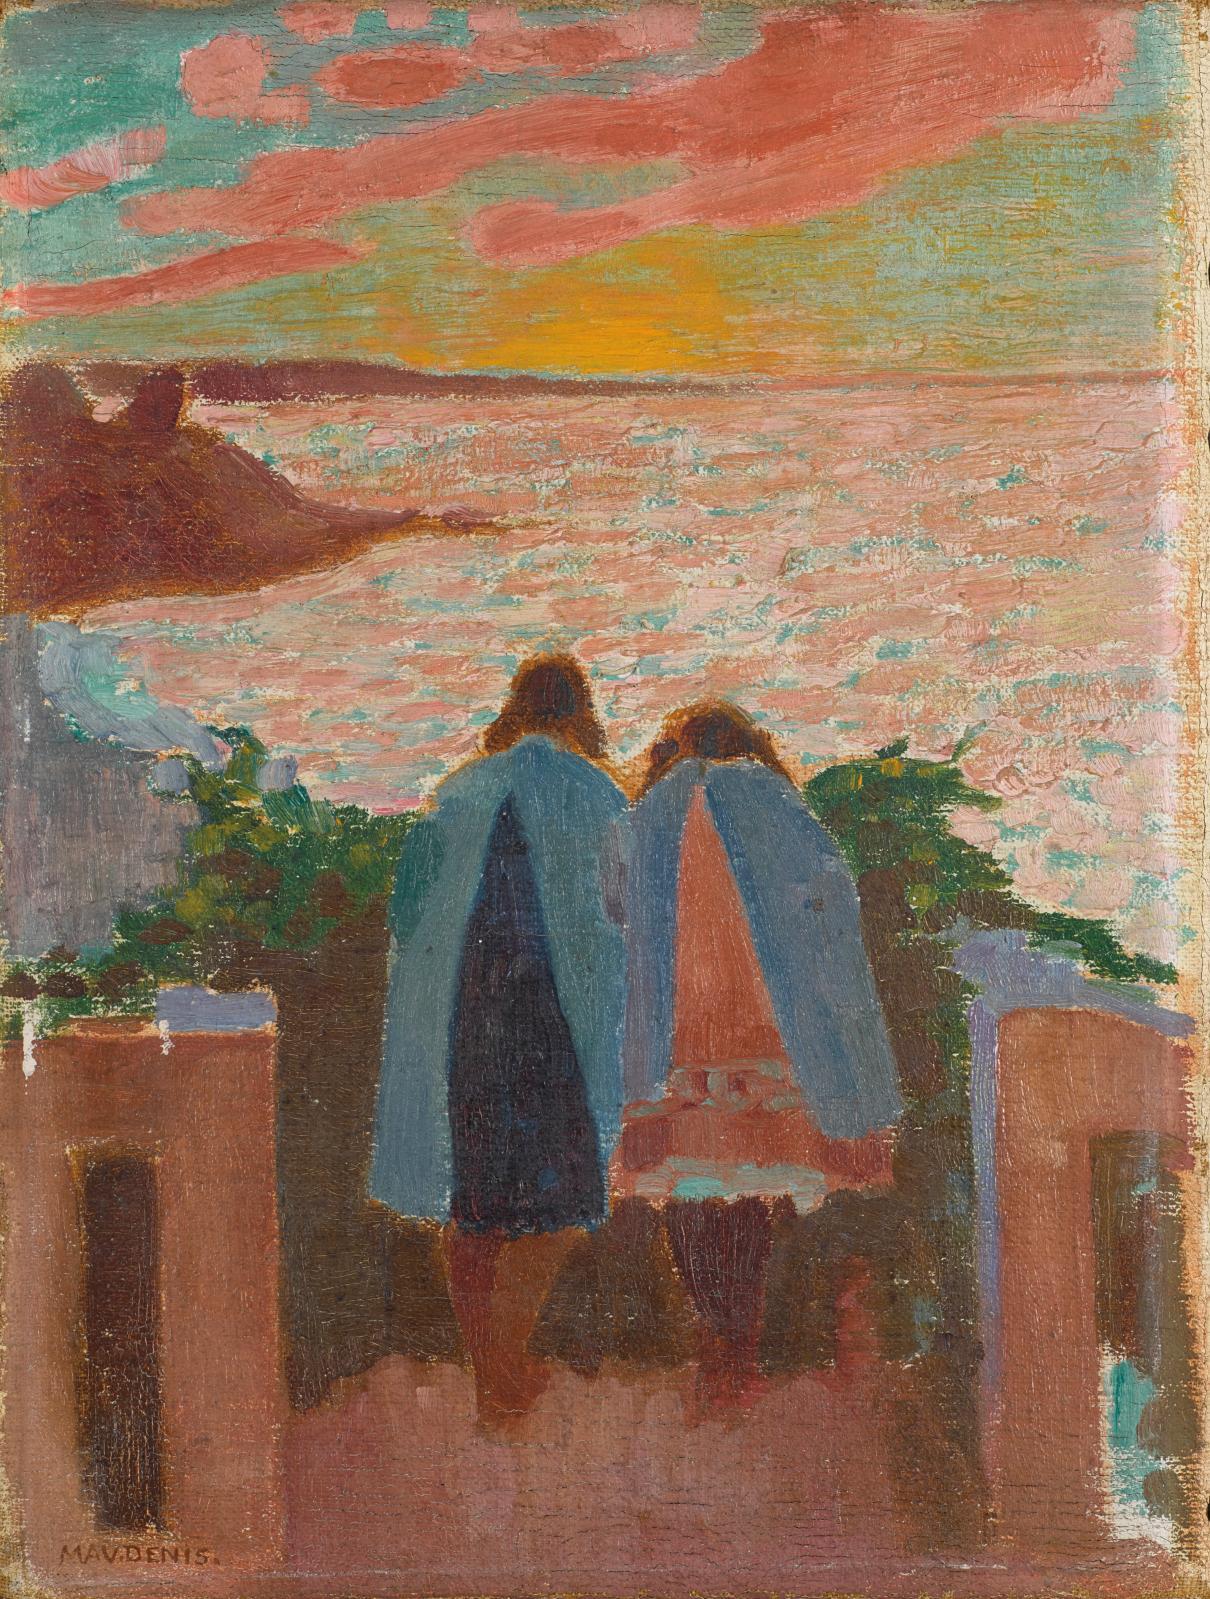 Maurice Denis, Deux jeunes filles sur le balcon de Silencio, 1908, huile sur toile, 33x24,8cm, Fontevraud, musée d'art moderne. © Fonte